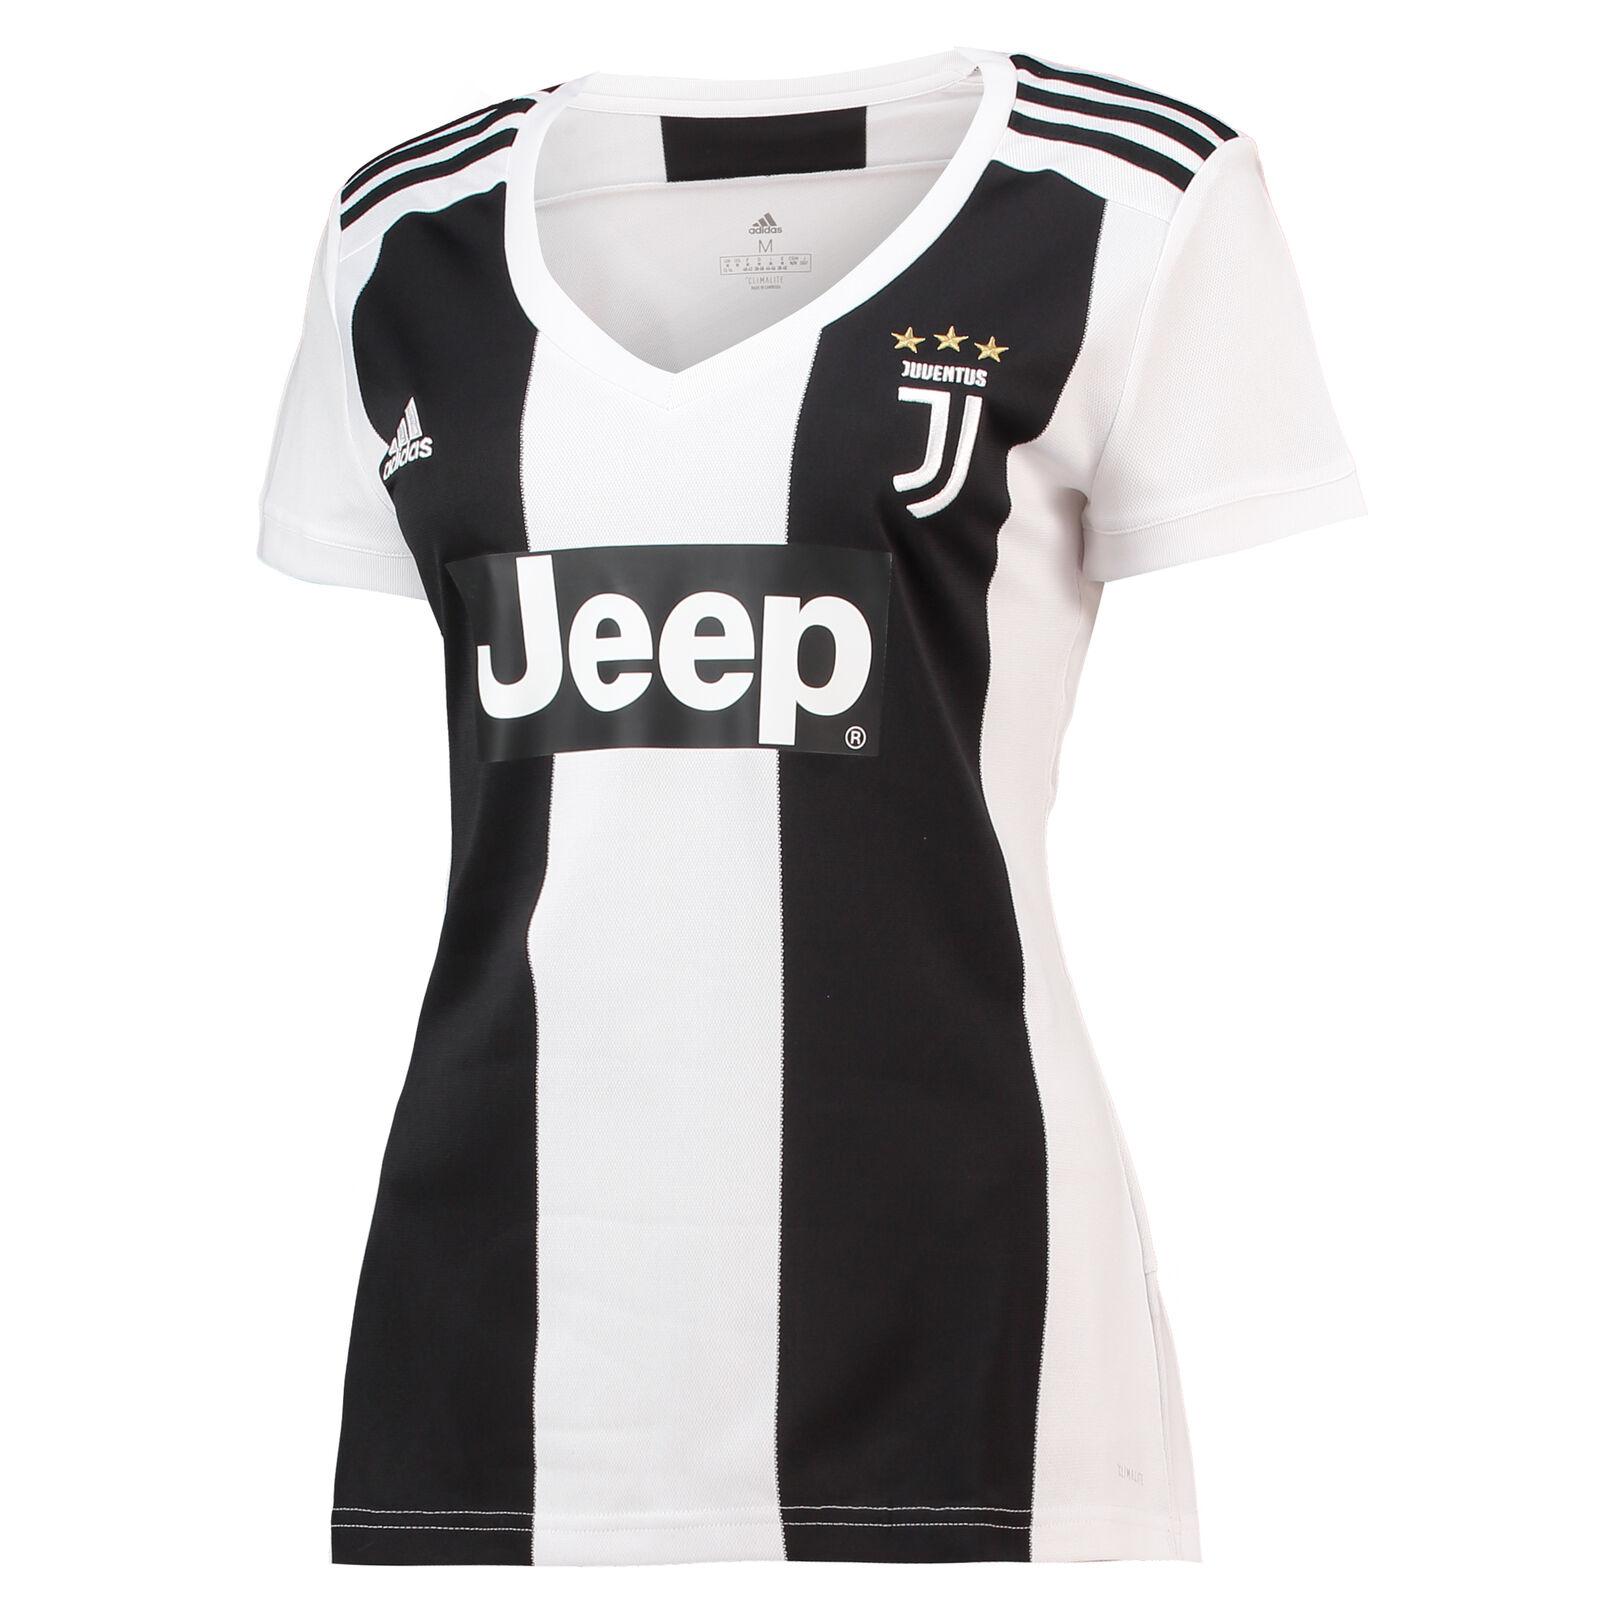 Offiziell Juventus Fußball Heim Shirt Kurzarm Trikot Top 2018 19 Damen adidas  | Tadellos